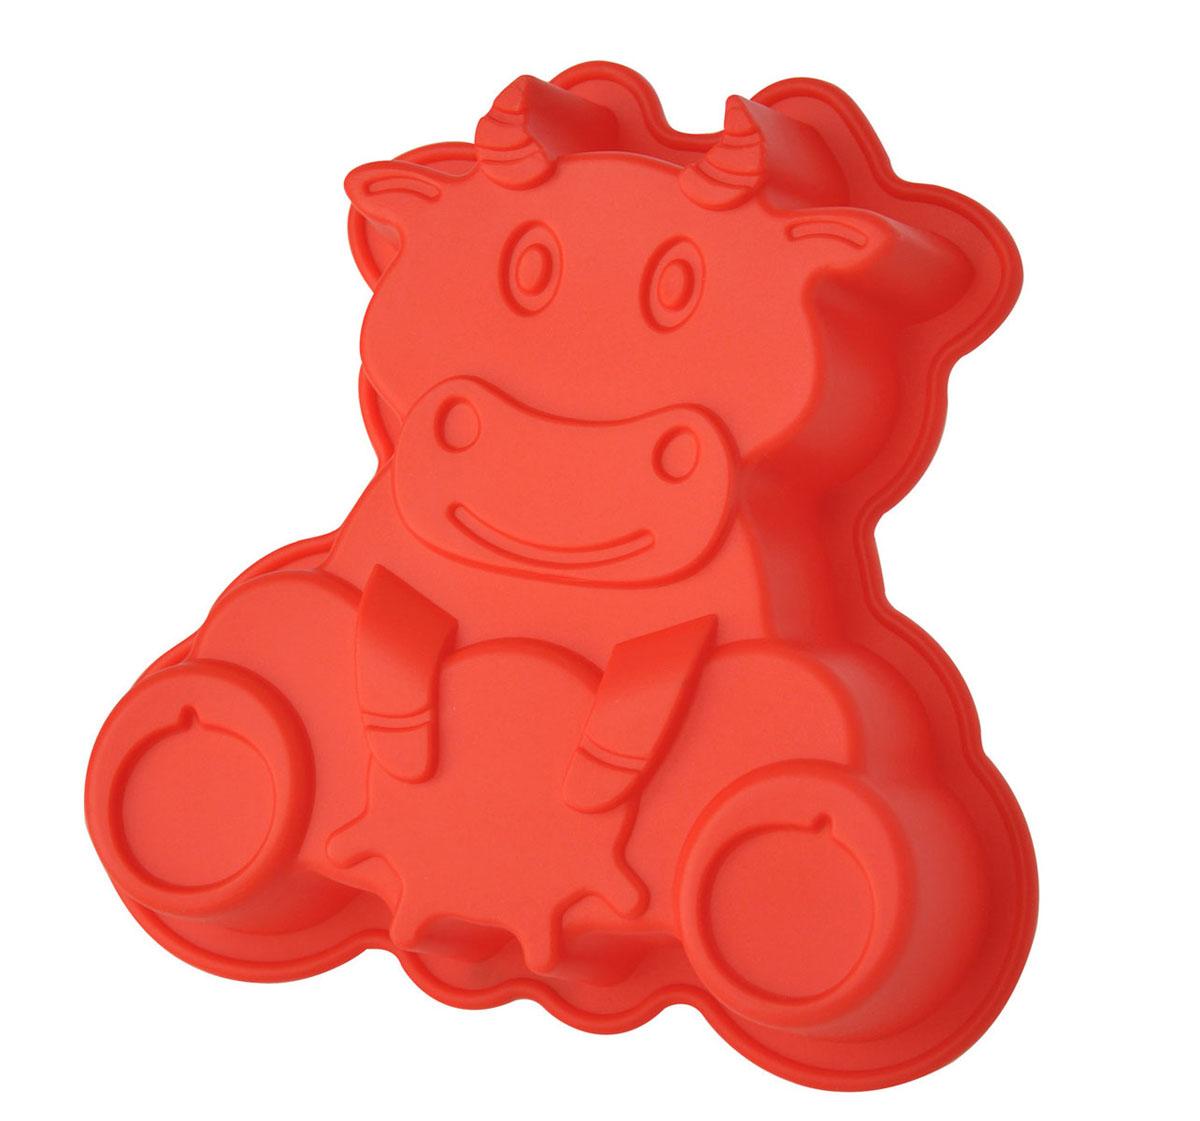 Форма для выпечки и заморозки Буренка, силиконовая, цвет: красный93-SI-FO-76Форма для выпечки и заморозки Бурёнка выполнена из силикона и предназначена для изготовления выпечки, конфет, мармелада, желе, льда и даже мыла. С помощью формы в виде забавной коровки любой день можно превратить в праздник и порадовать детей. Силиконовые формы выдерживают высокие и низкие температуры (от -40°С до +230°С). Они эластичны, износостойки, легко моются, не горят и не тлеют, не впитывают запахи, не оставляют пятен. Силикон абсолютно безвреден для здоровья. Не используйте моющие средства, содержащие абразивы. Можно мыть в посудомоечной машине. Подходит для использования во всех типах печей. Характеристики: Материал: силикон. Общий размер формы: 20 см х 19 см х 4,5 см. Размер упаковки: 30 см х 23,5 см х 4,8 см. Изготовитель: Италия. Артикул: 93-SI-FO-76.